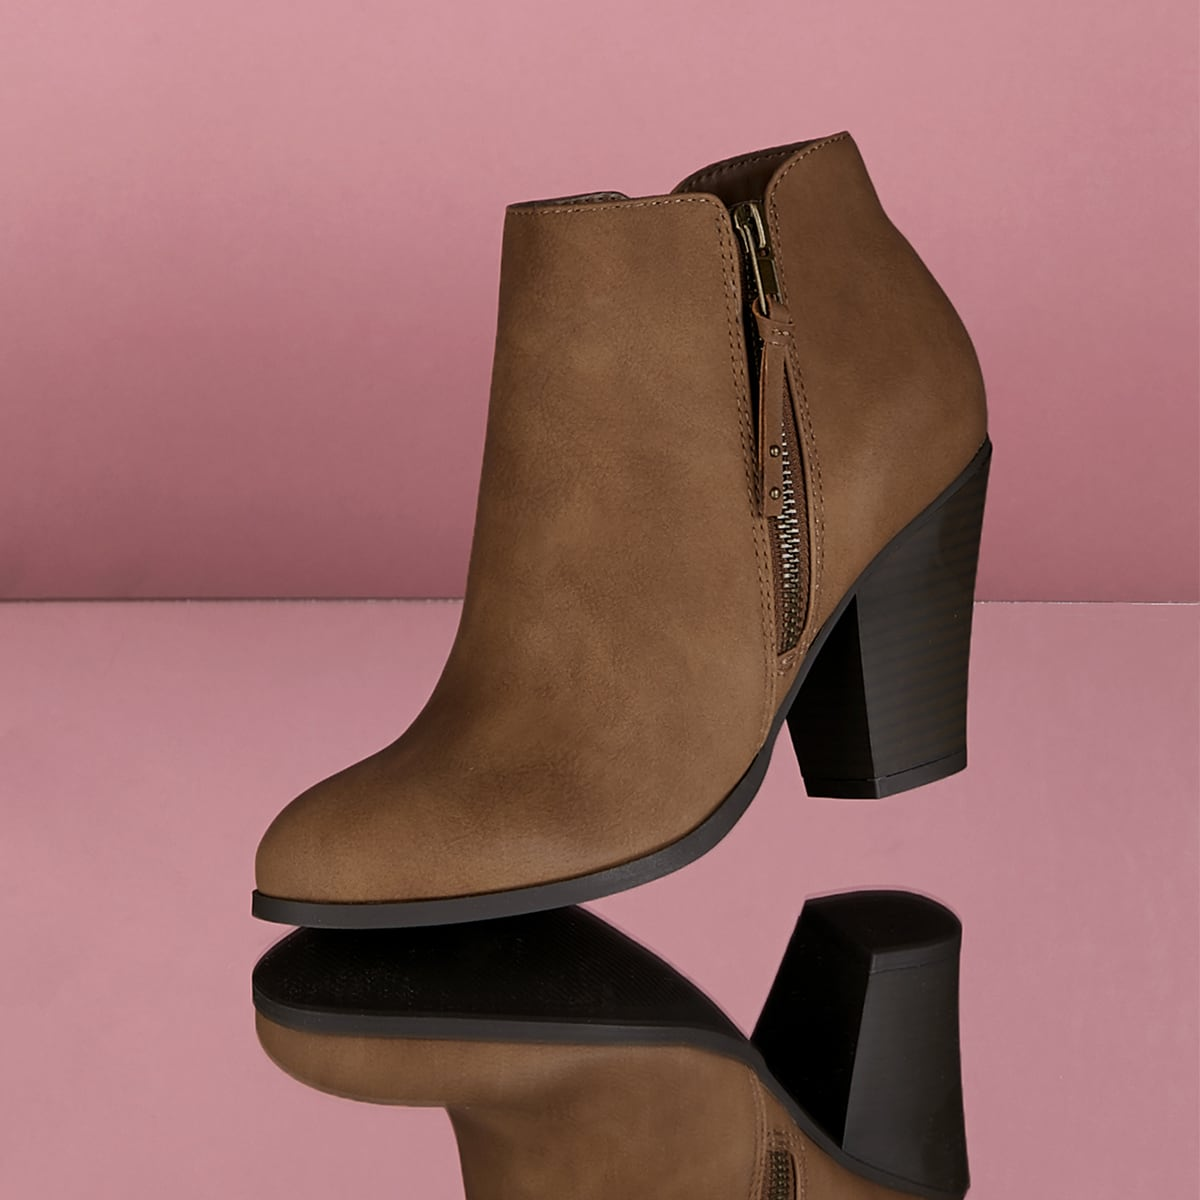 Остроконечные короткие сапоги на высоких каблуках с застёжкой молния